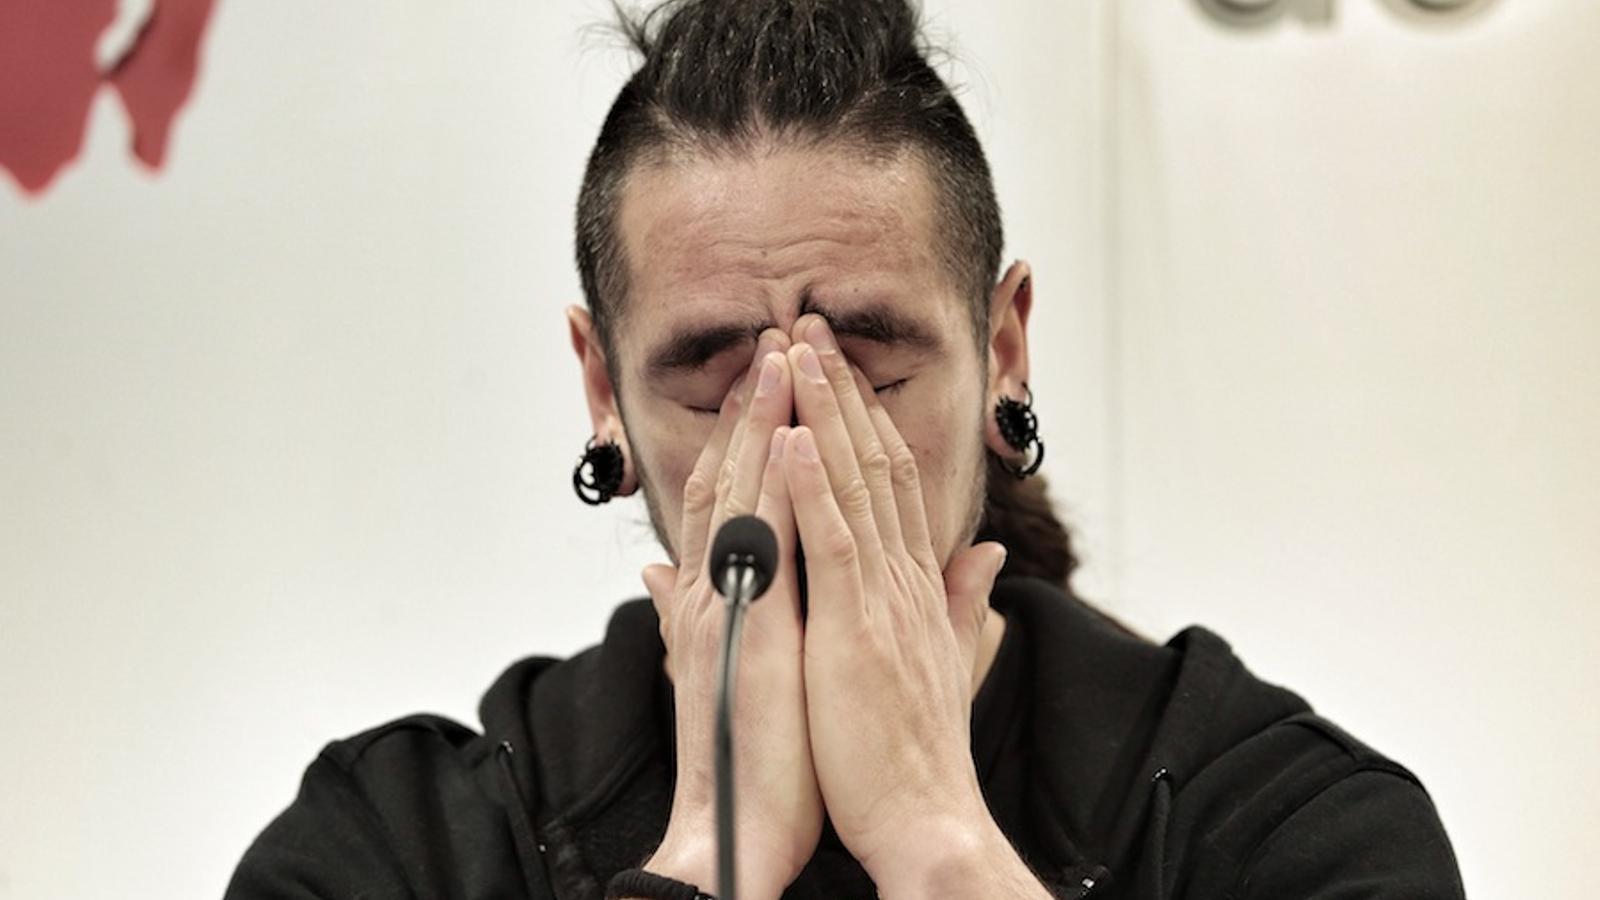 Rodrigo Lanza, emocionat, durant la roda de premsa d'aquest dimarts. / PERE VIRGILI